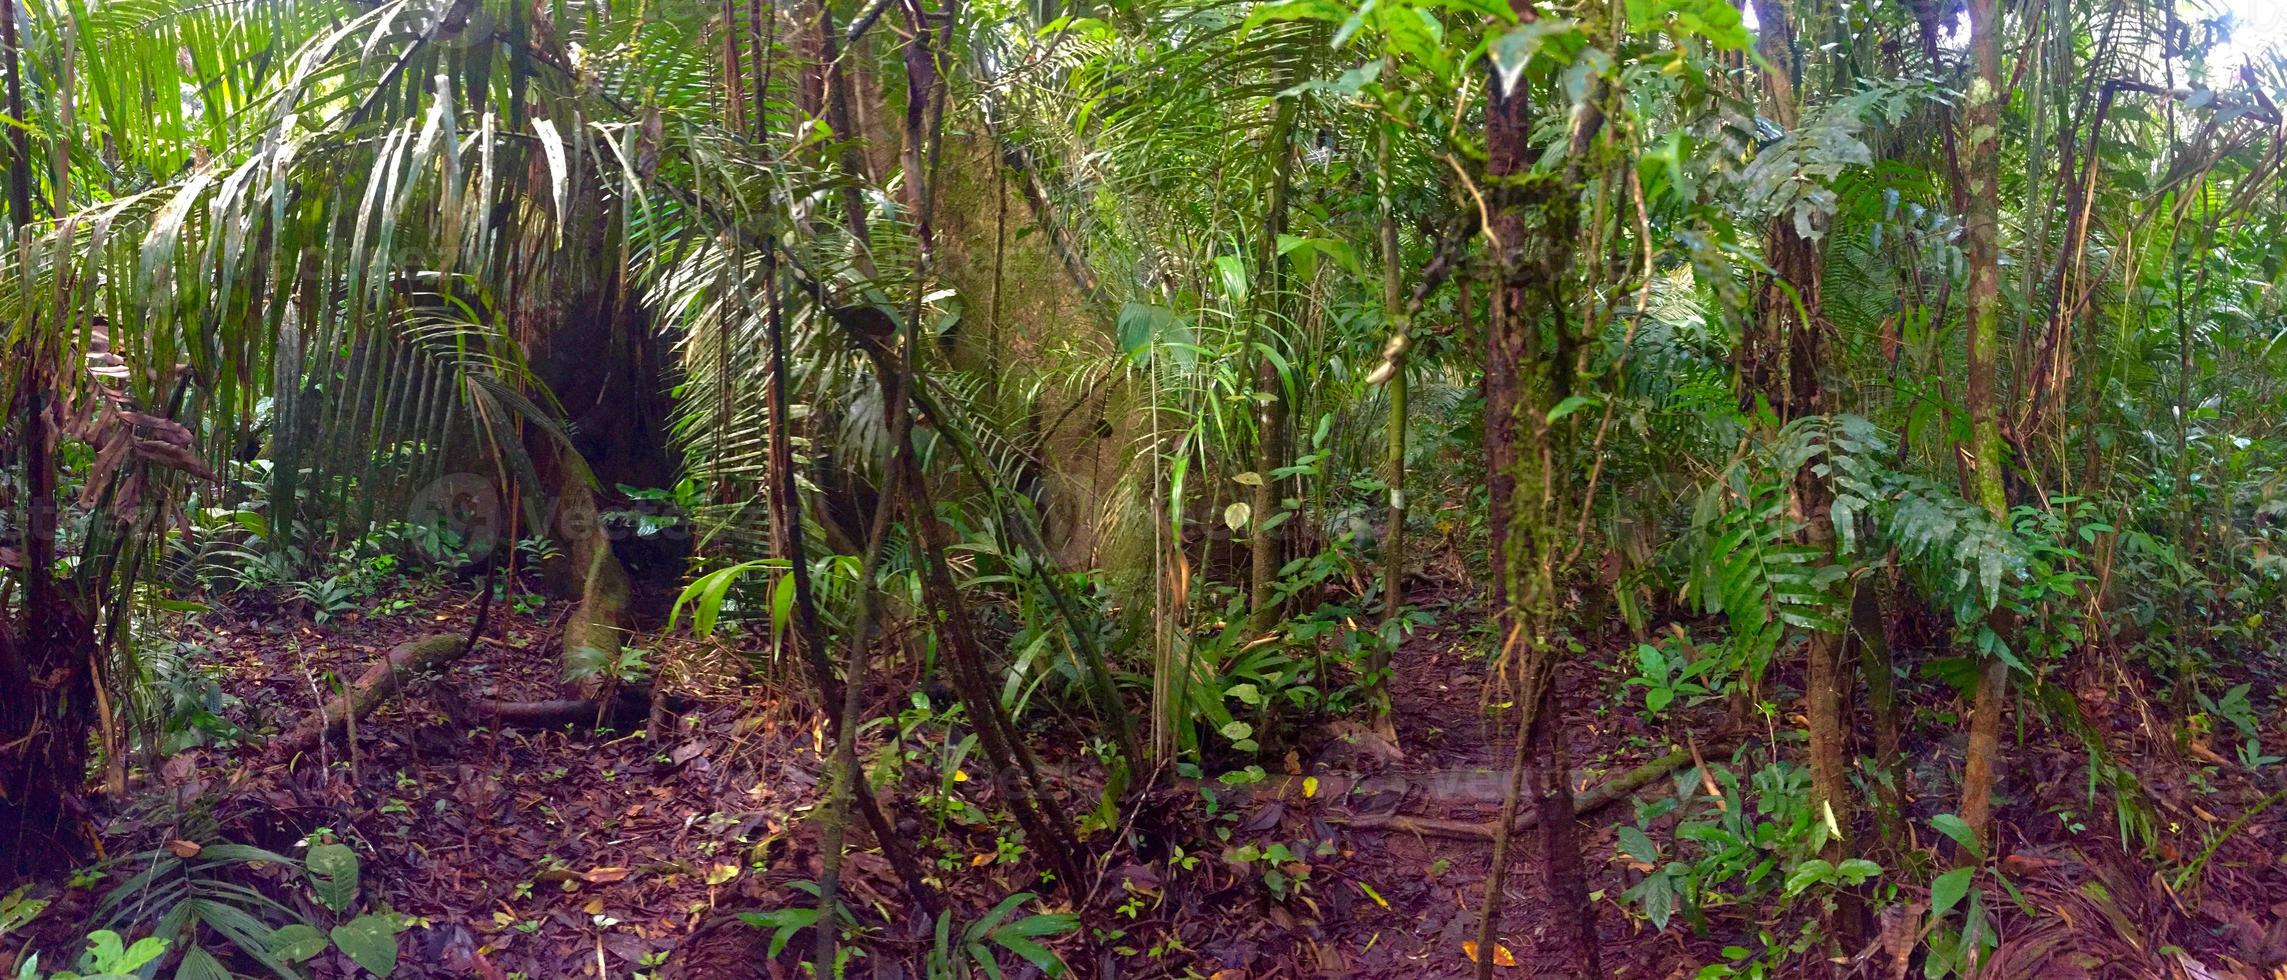 Dschungelblick foto